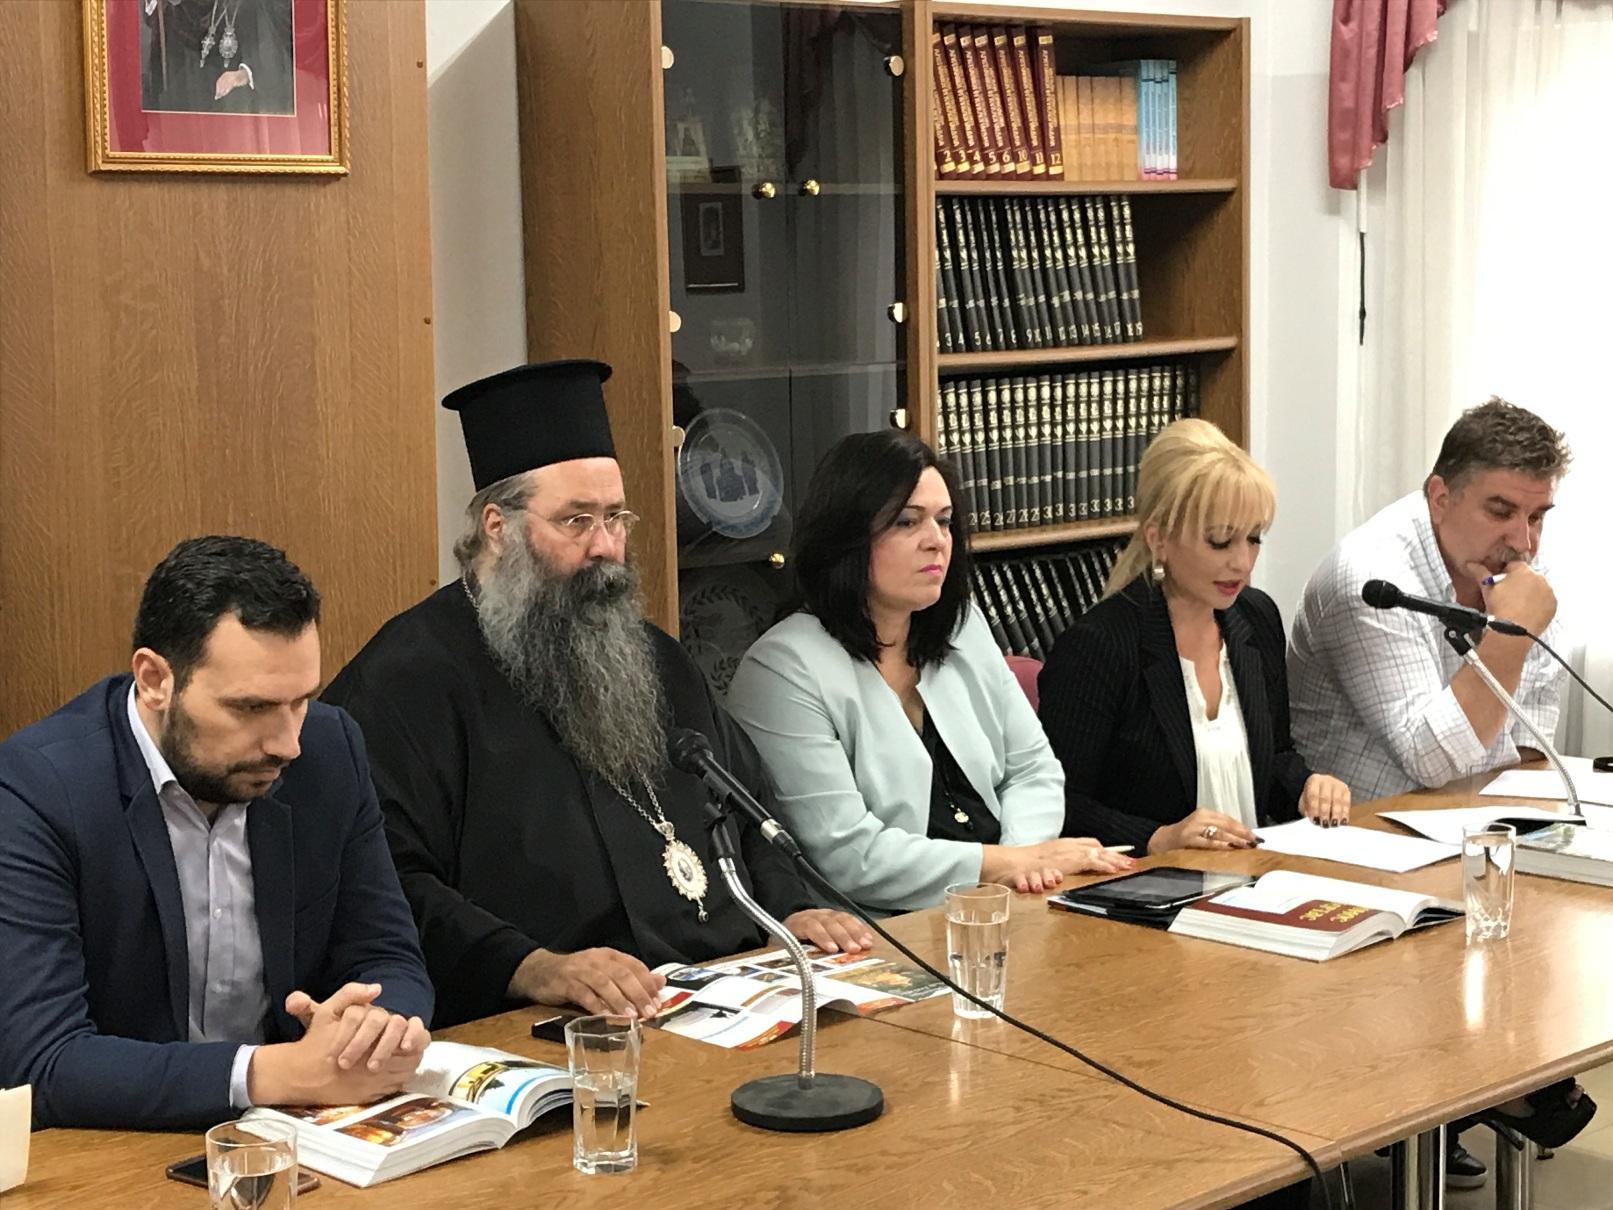 Παρουσιάστηκε το βιβλίο-λεύκωμα «Μοναστήρια της Μακεδονίας και της Θράκης»